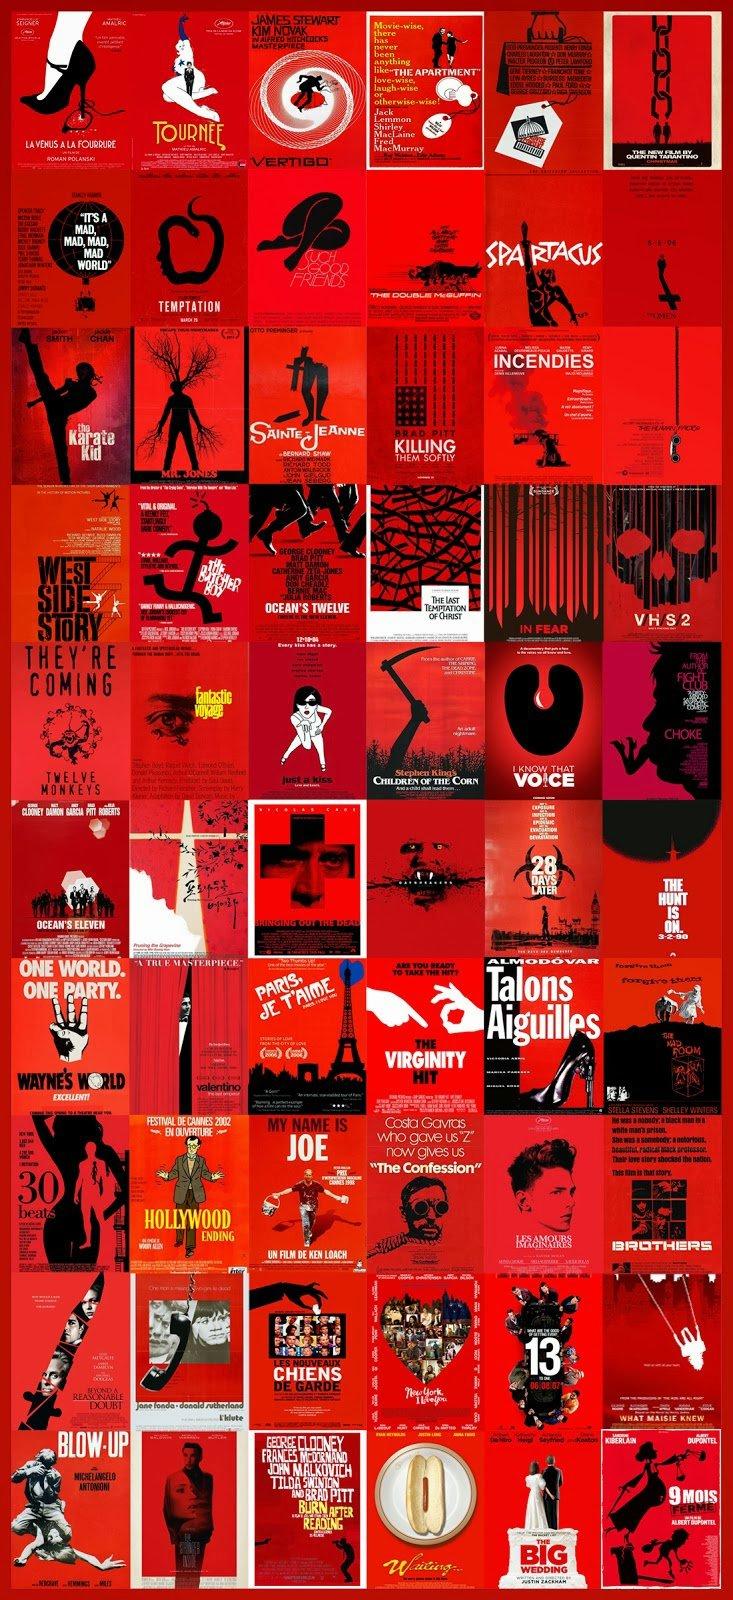 Утомившие киноштампы: Когда-то  постеры были искусством - Изображение 72